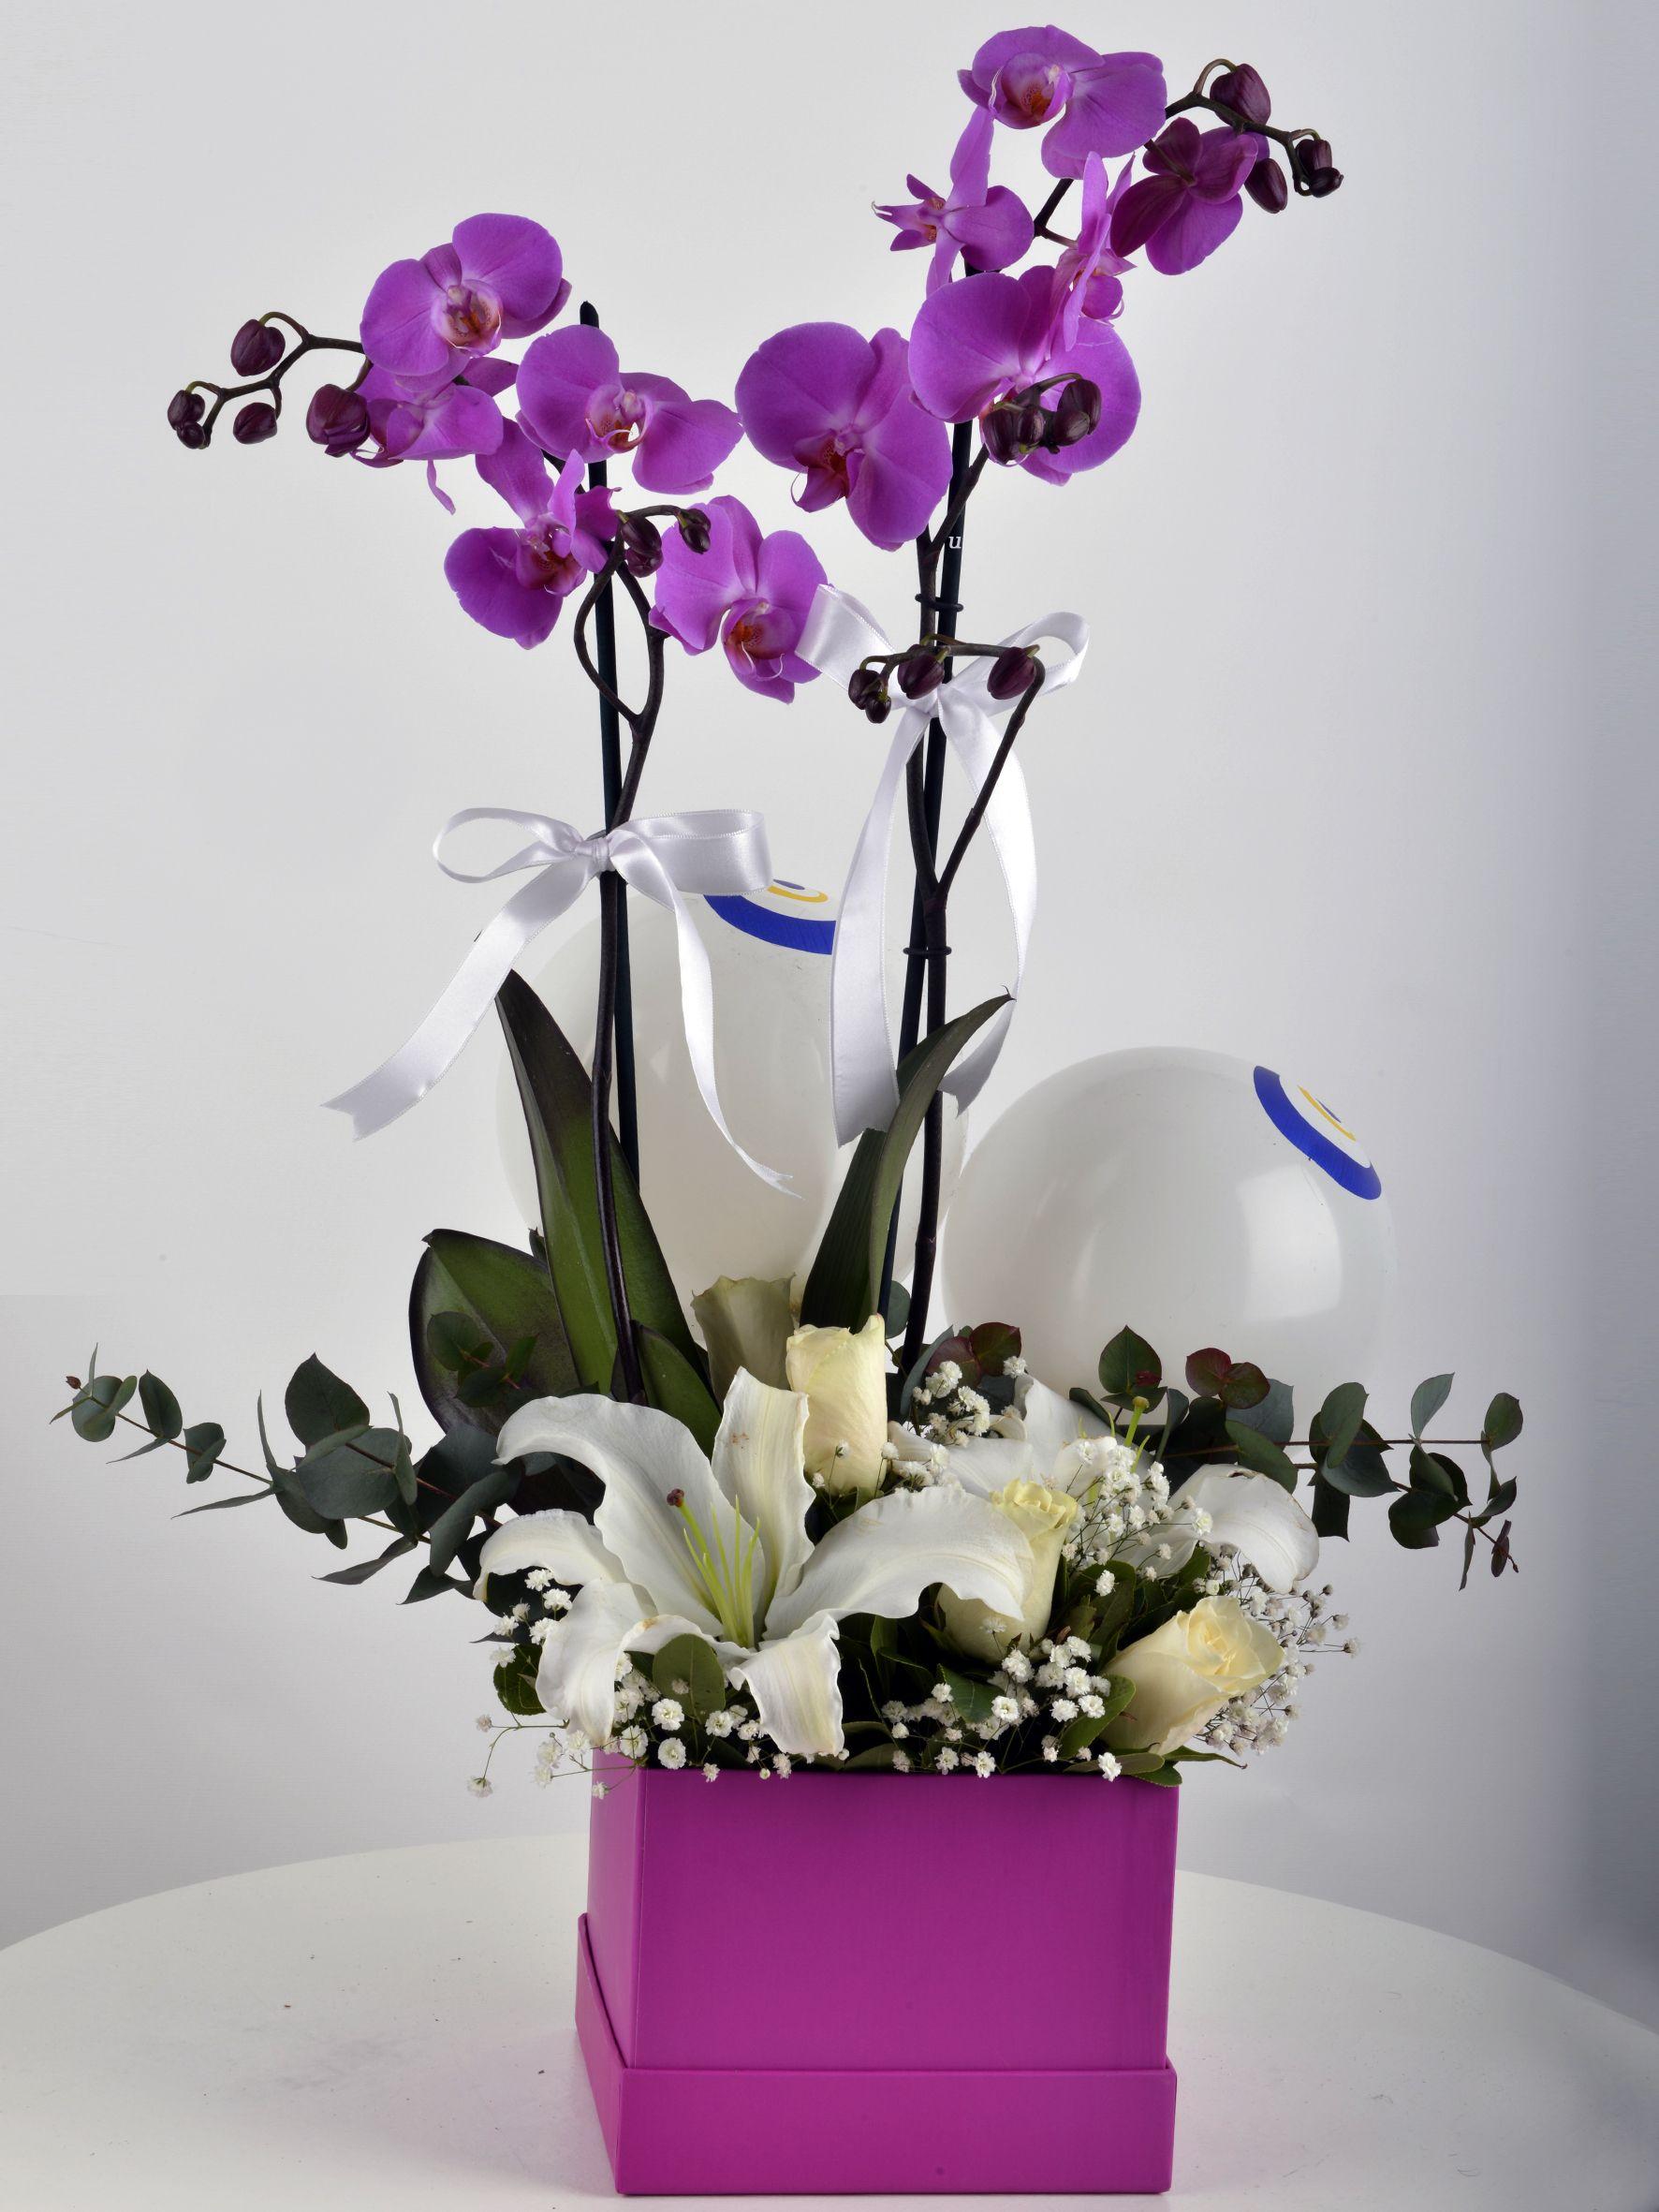 Fuşya Hediyelik Kutuda Çift Dallı Fuşya Orkide Çiçeği  çiçek gönder